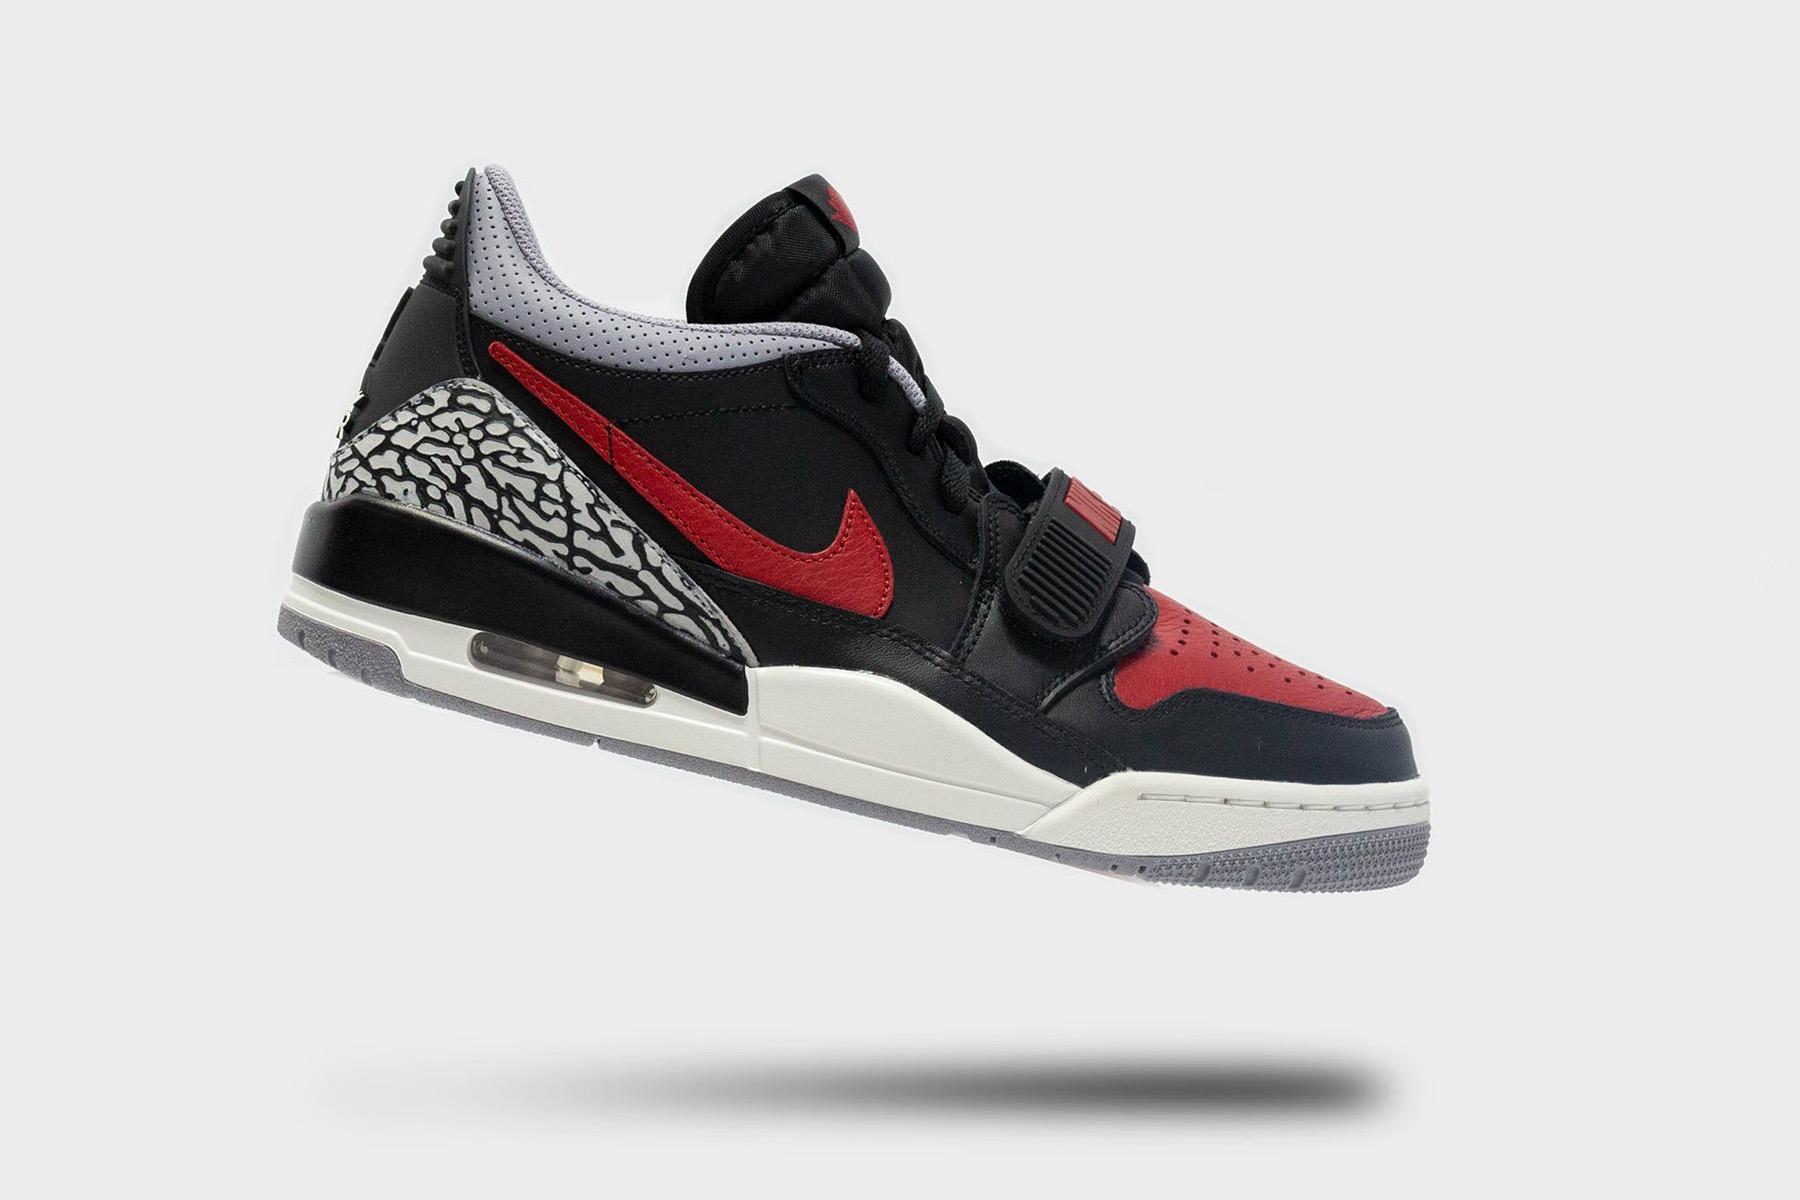 Air Jordan Legacy 312 Low in Black